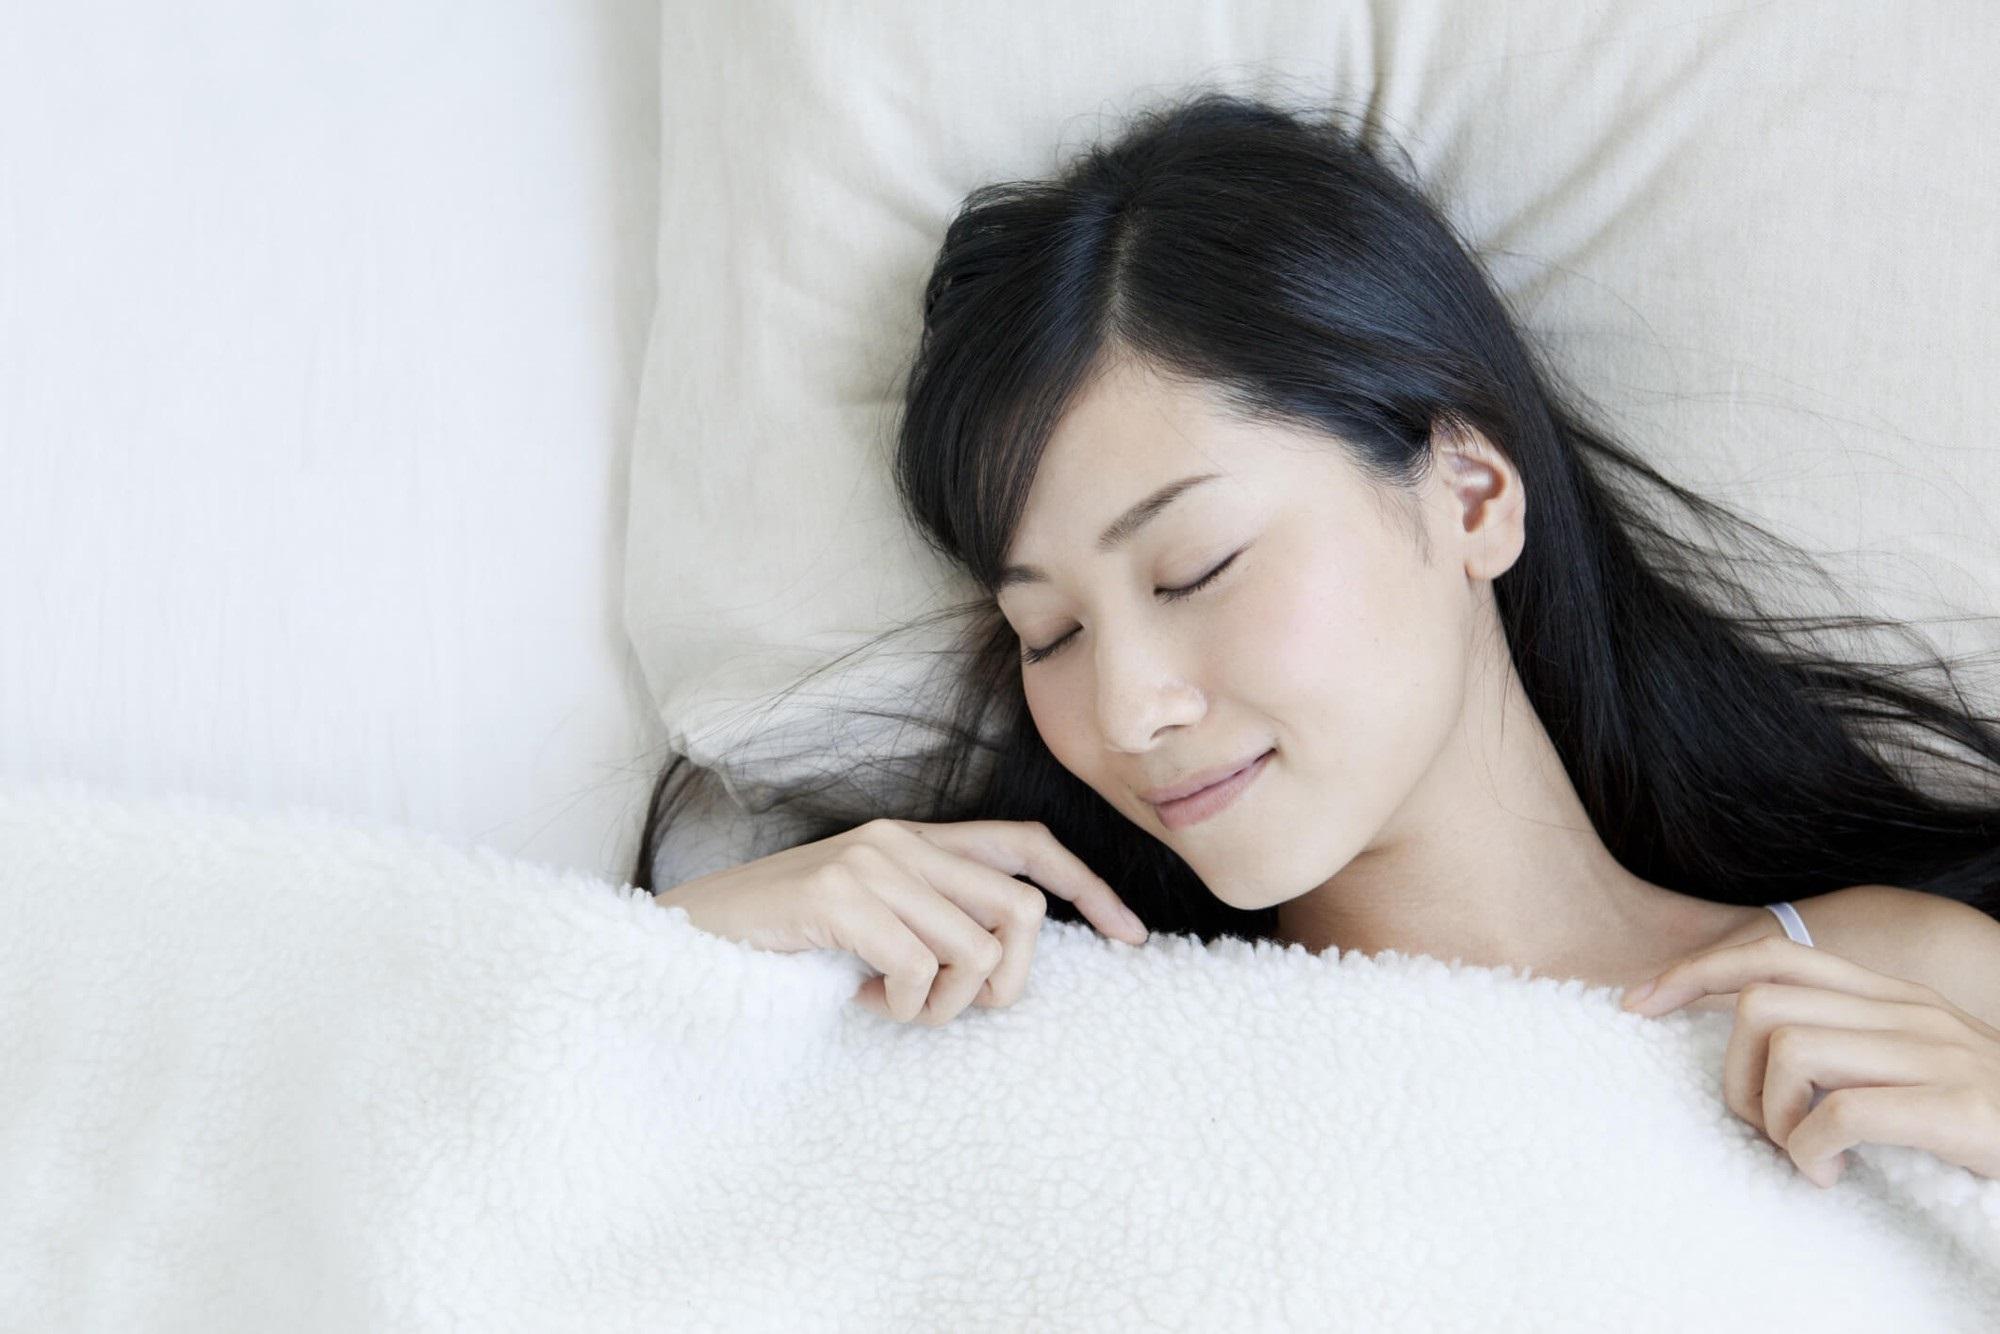 Uống nước đậu đỏ rang mỗi ngày để cải thiện sức khỏe và dễ ngủ hơn